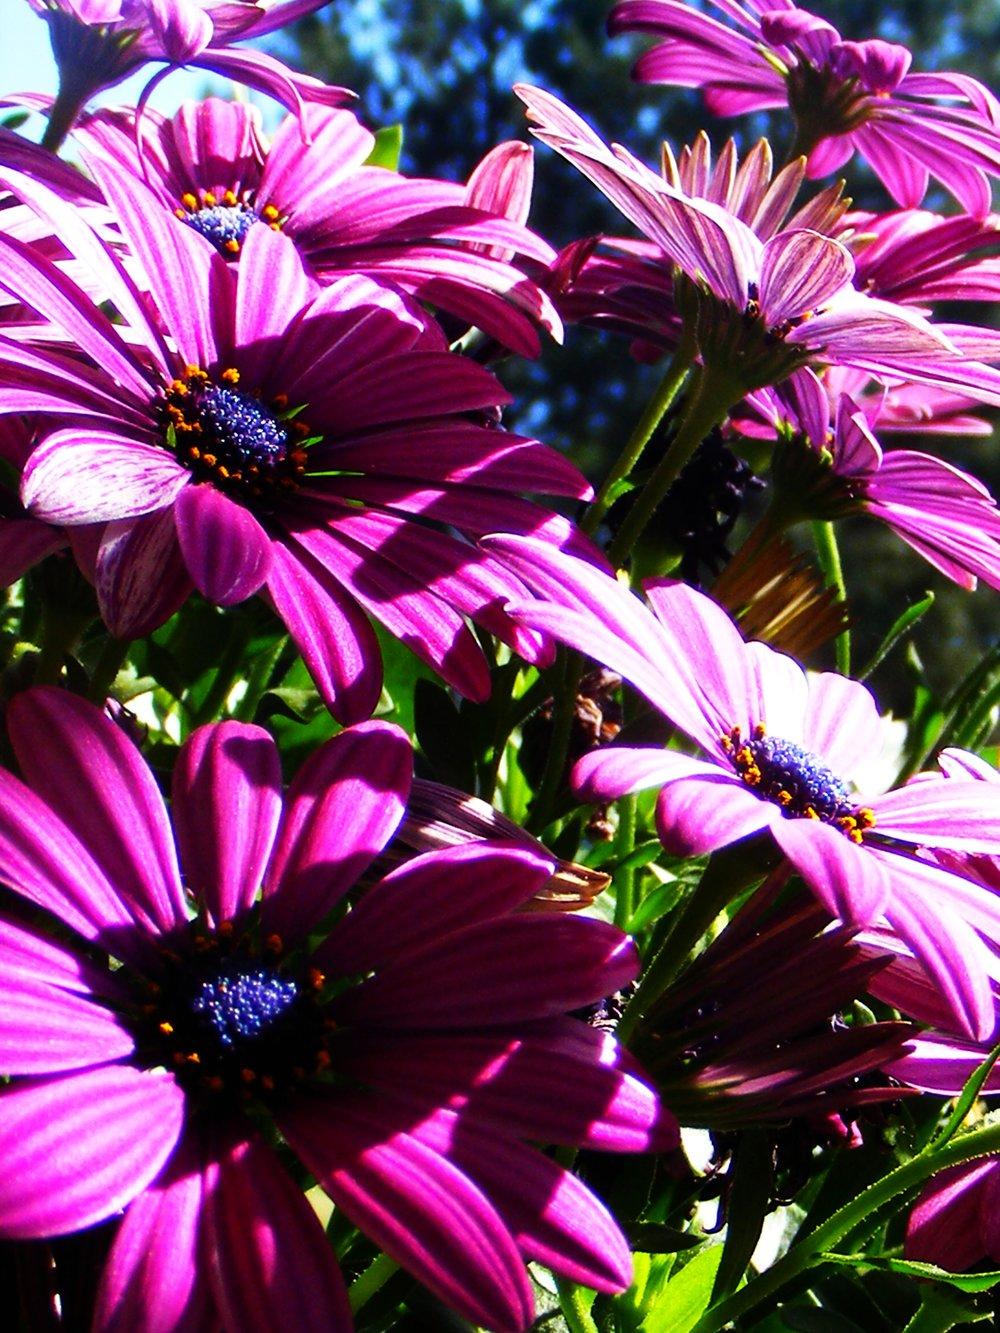 daisies no. 2